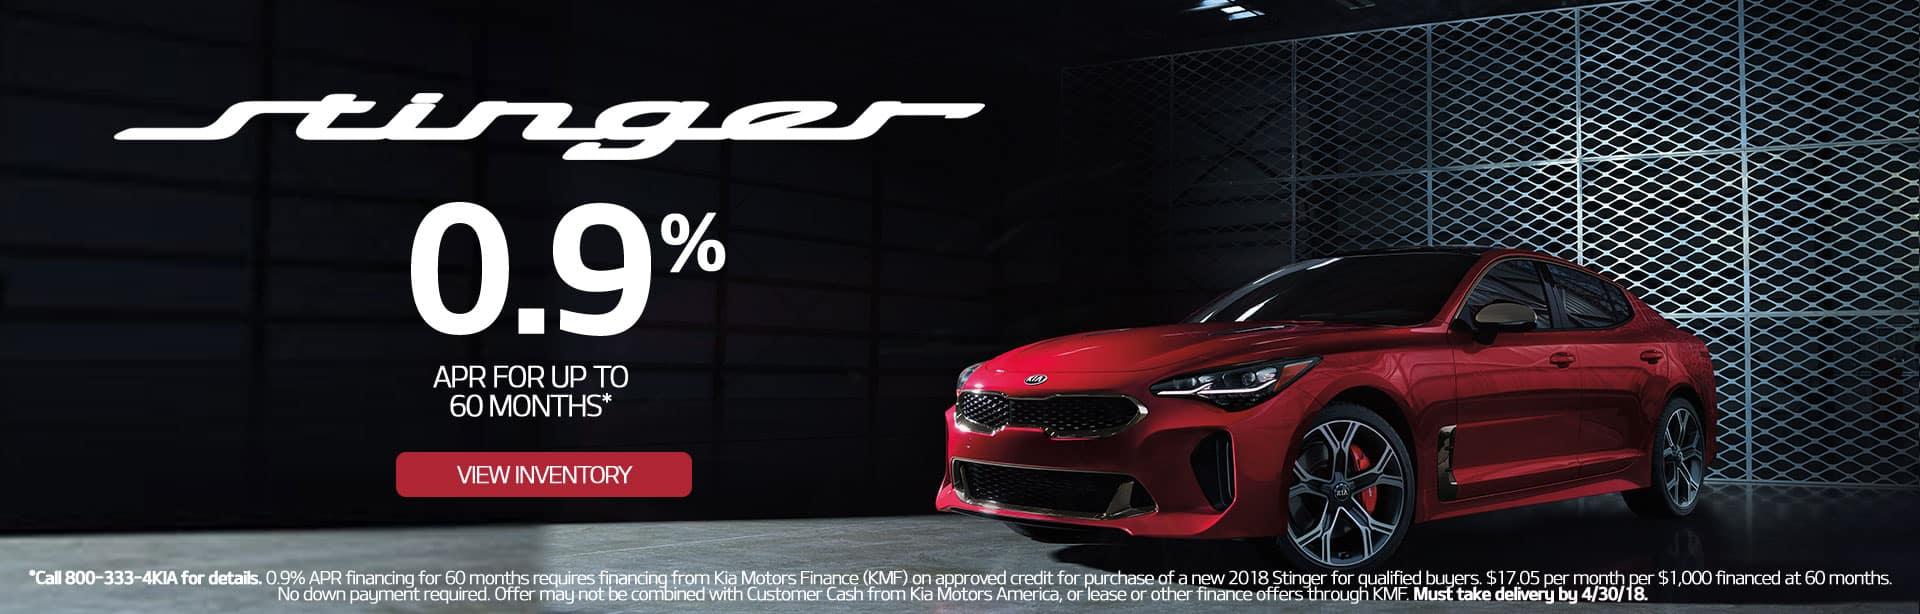 Stinger 0.9% for 60